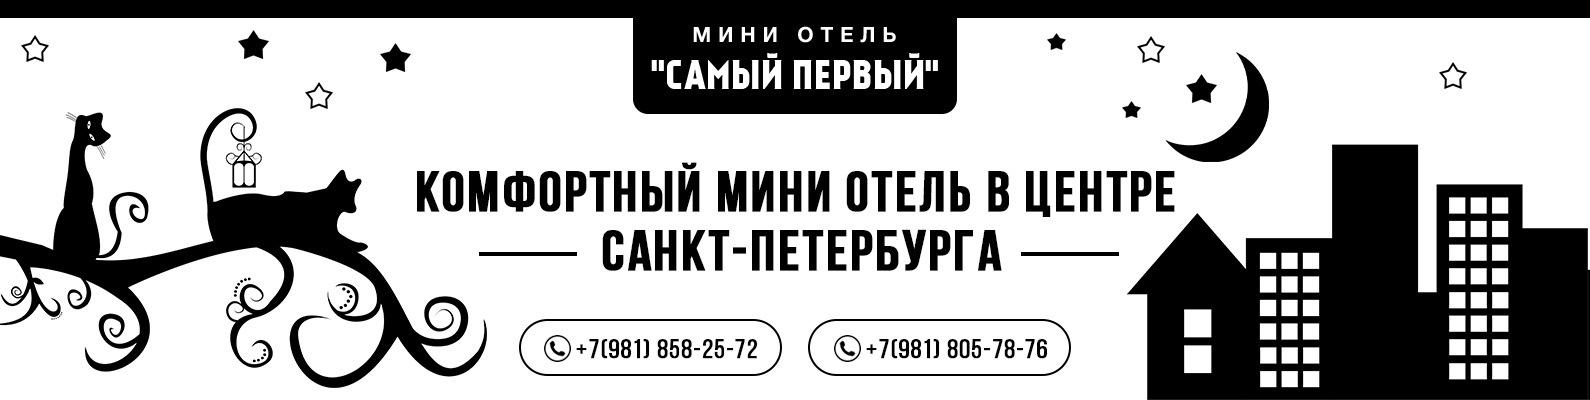 мини отель атлас санкт-петербурга